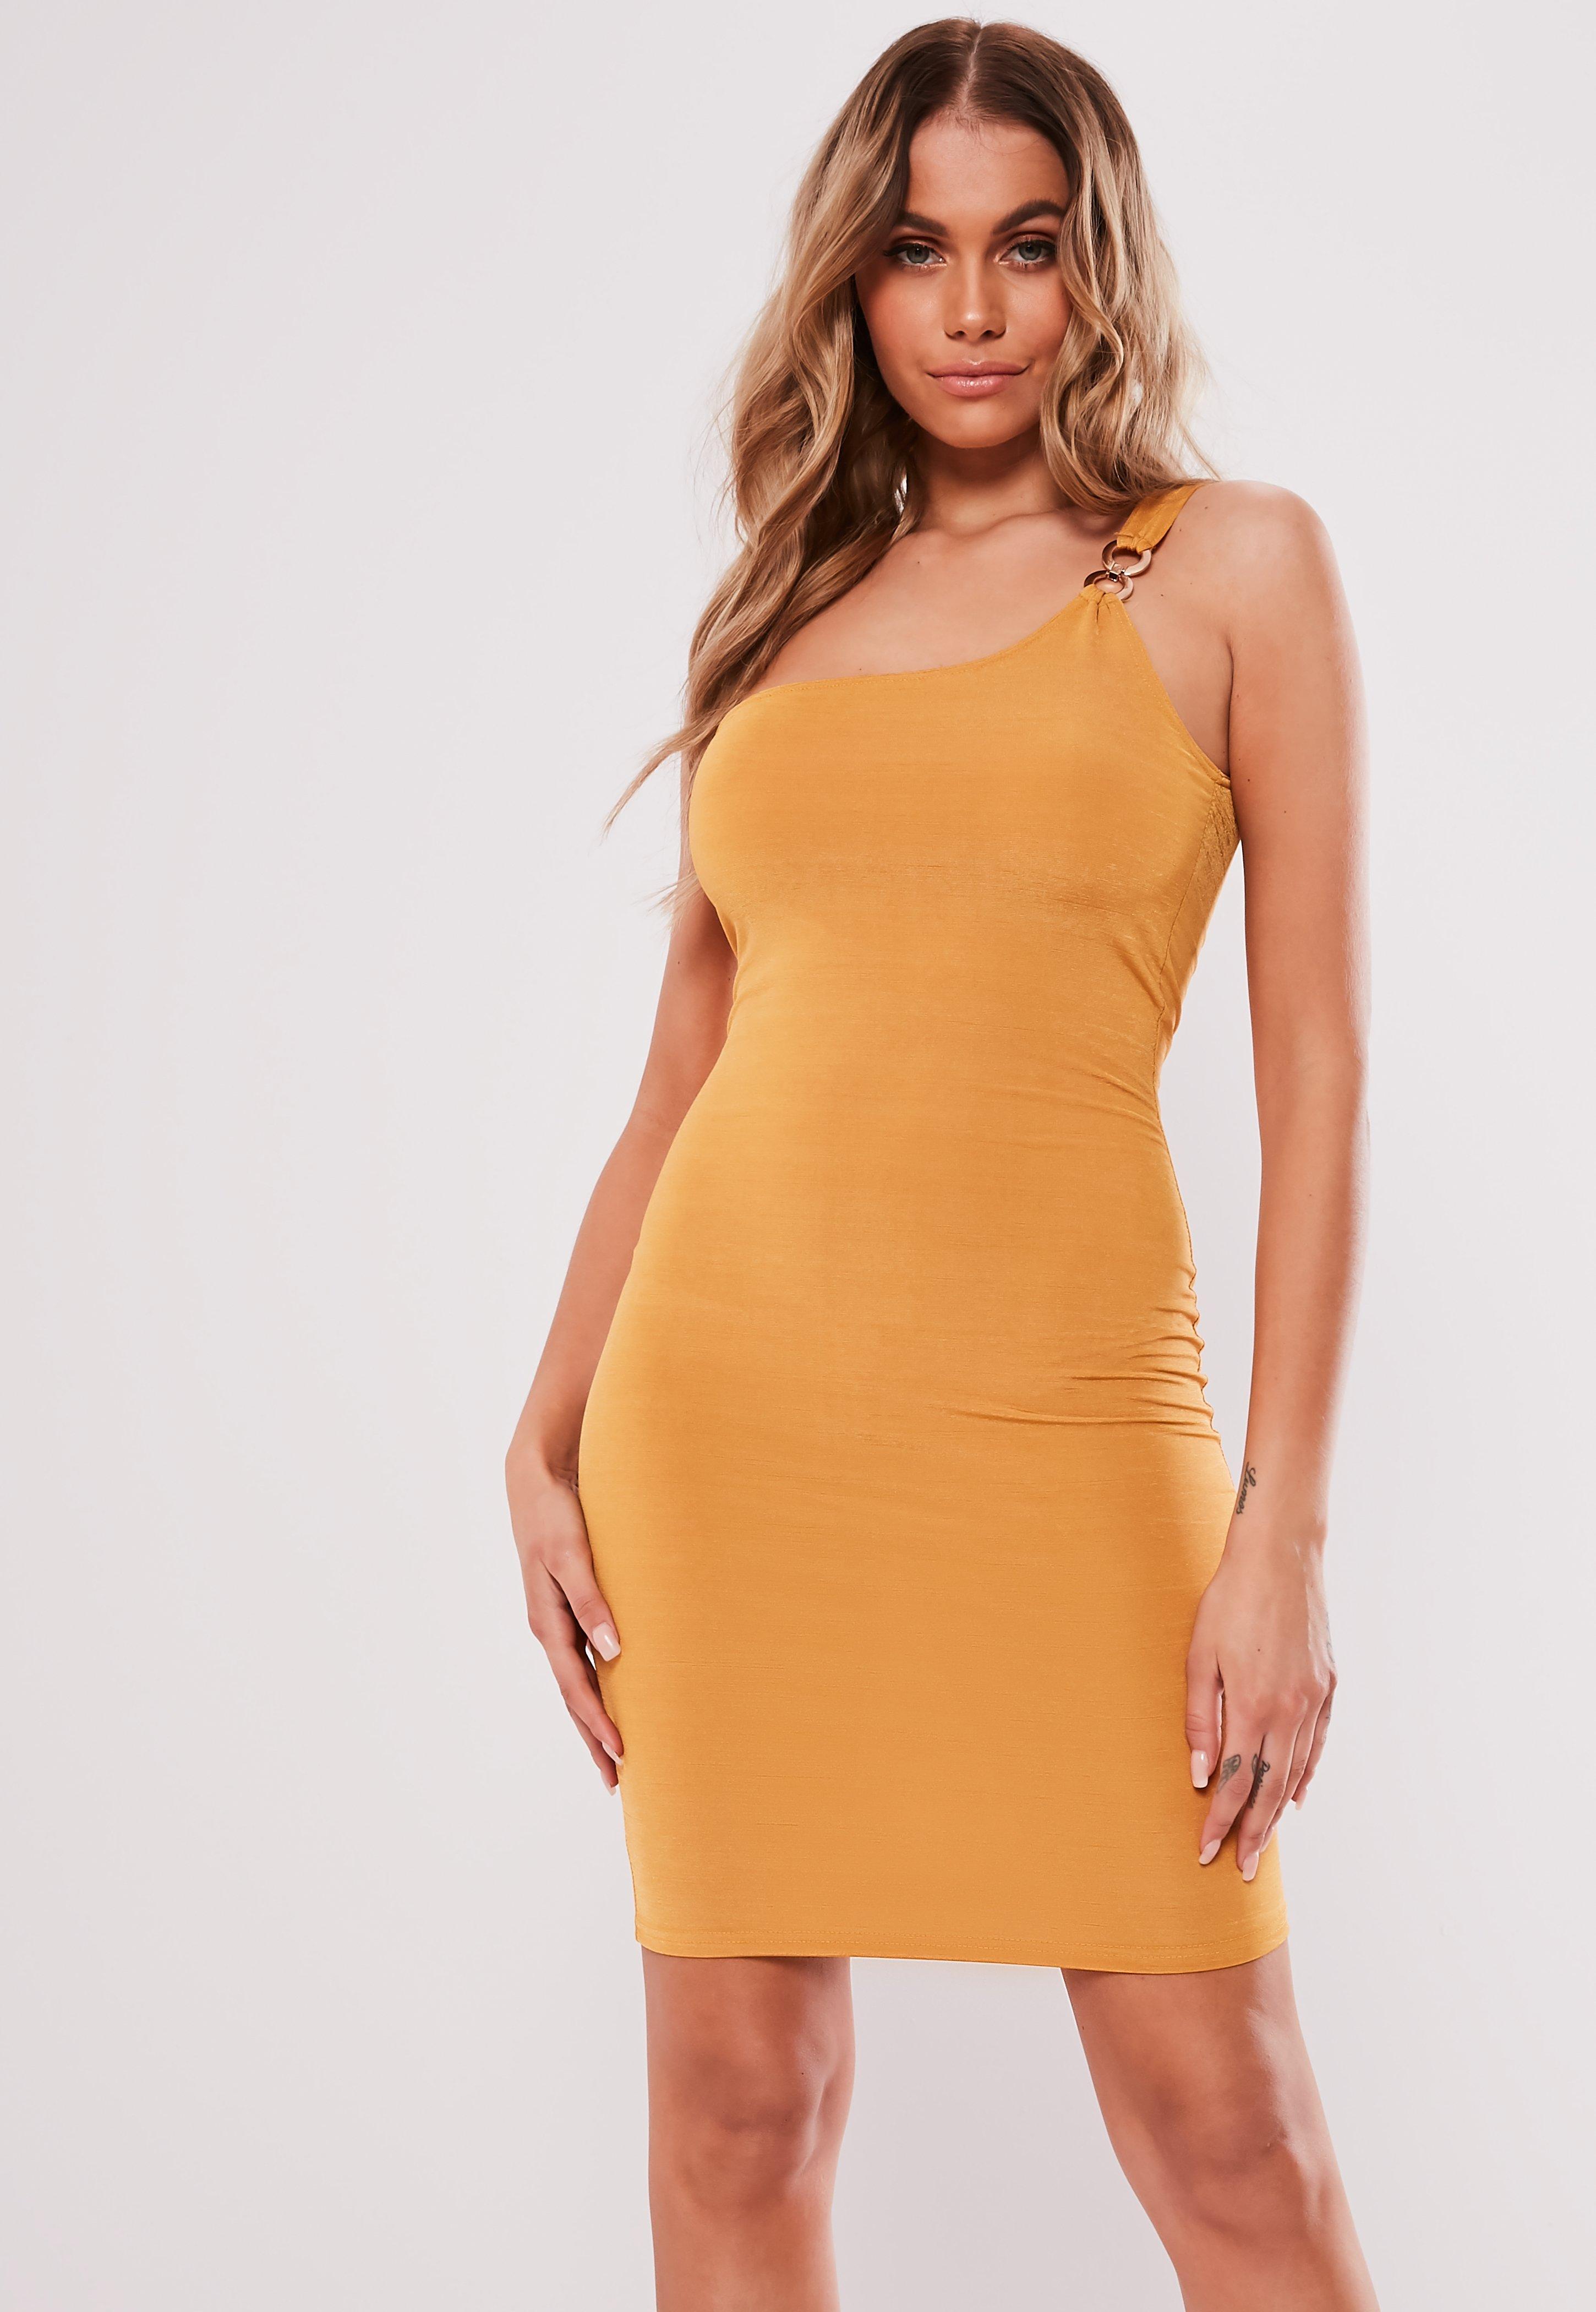 d51b37d36c1b One Shoulder Dresses Online - Missguided